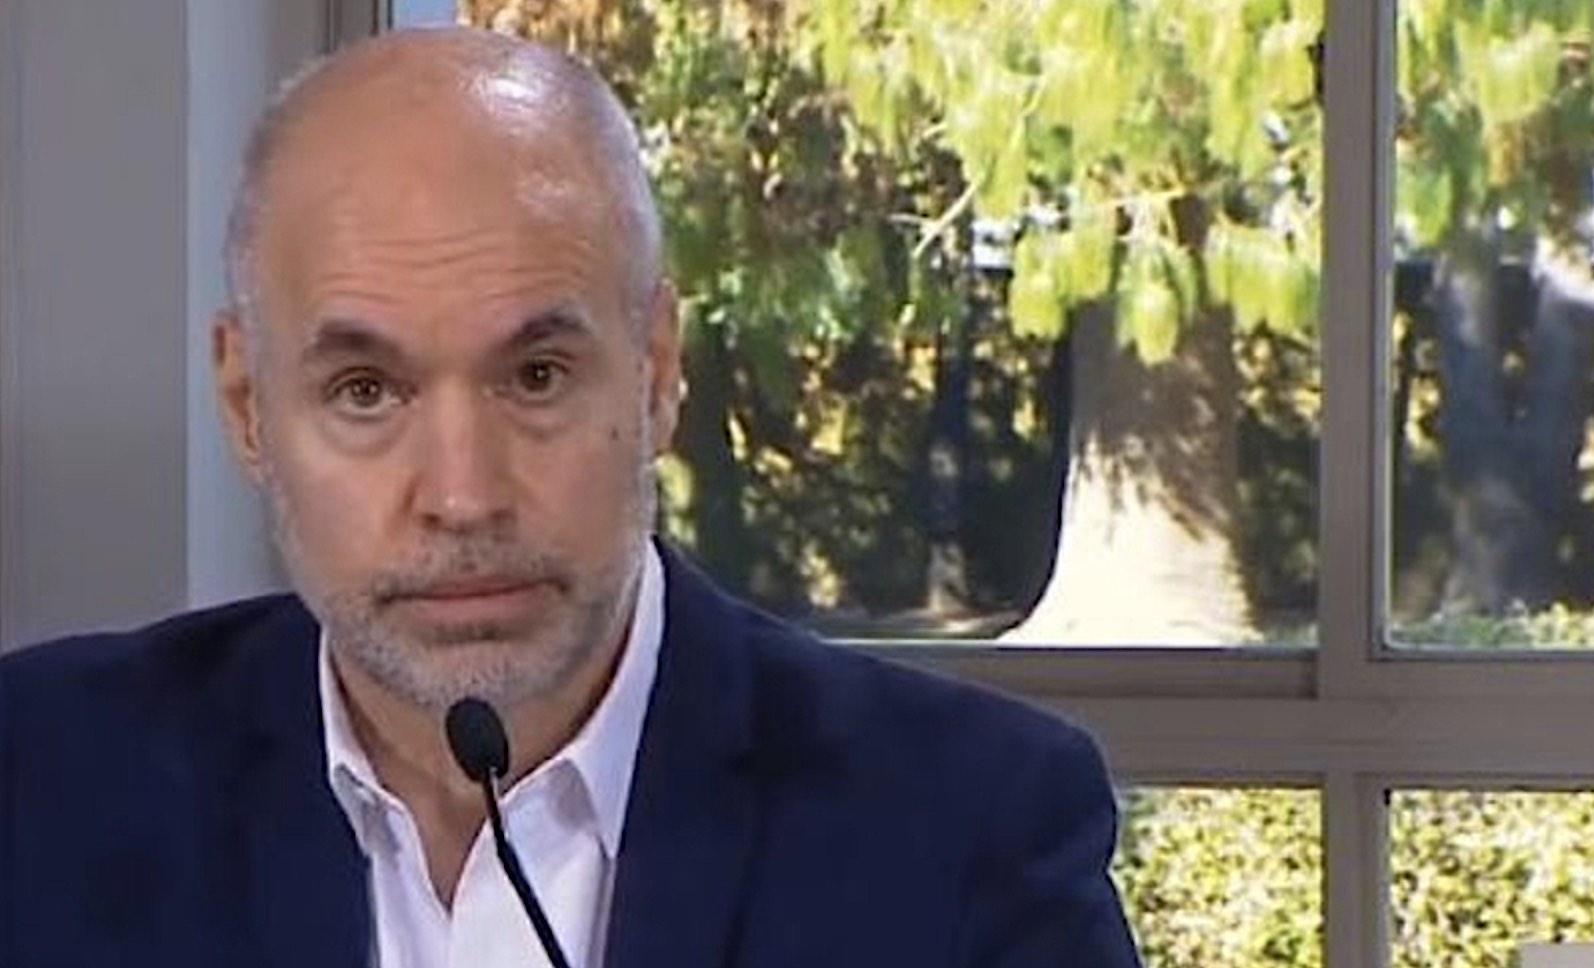 Horacio Rodríguez Larreta, Progresismo, Socialismo, Izquierda argentina